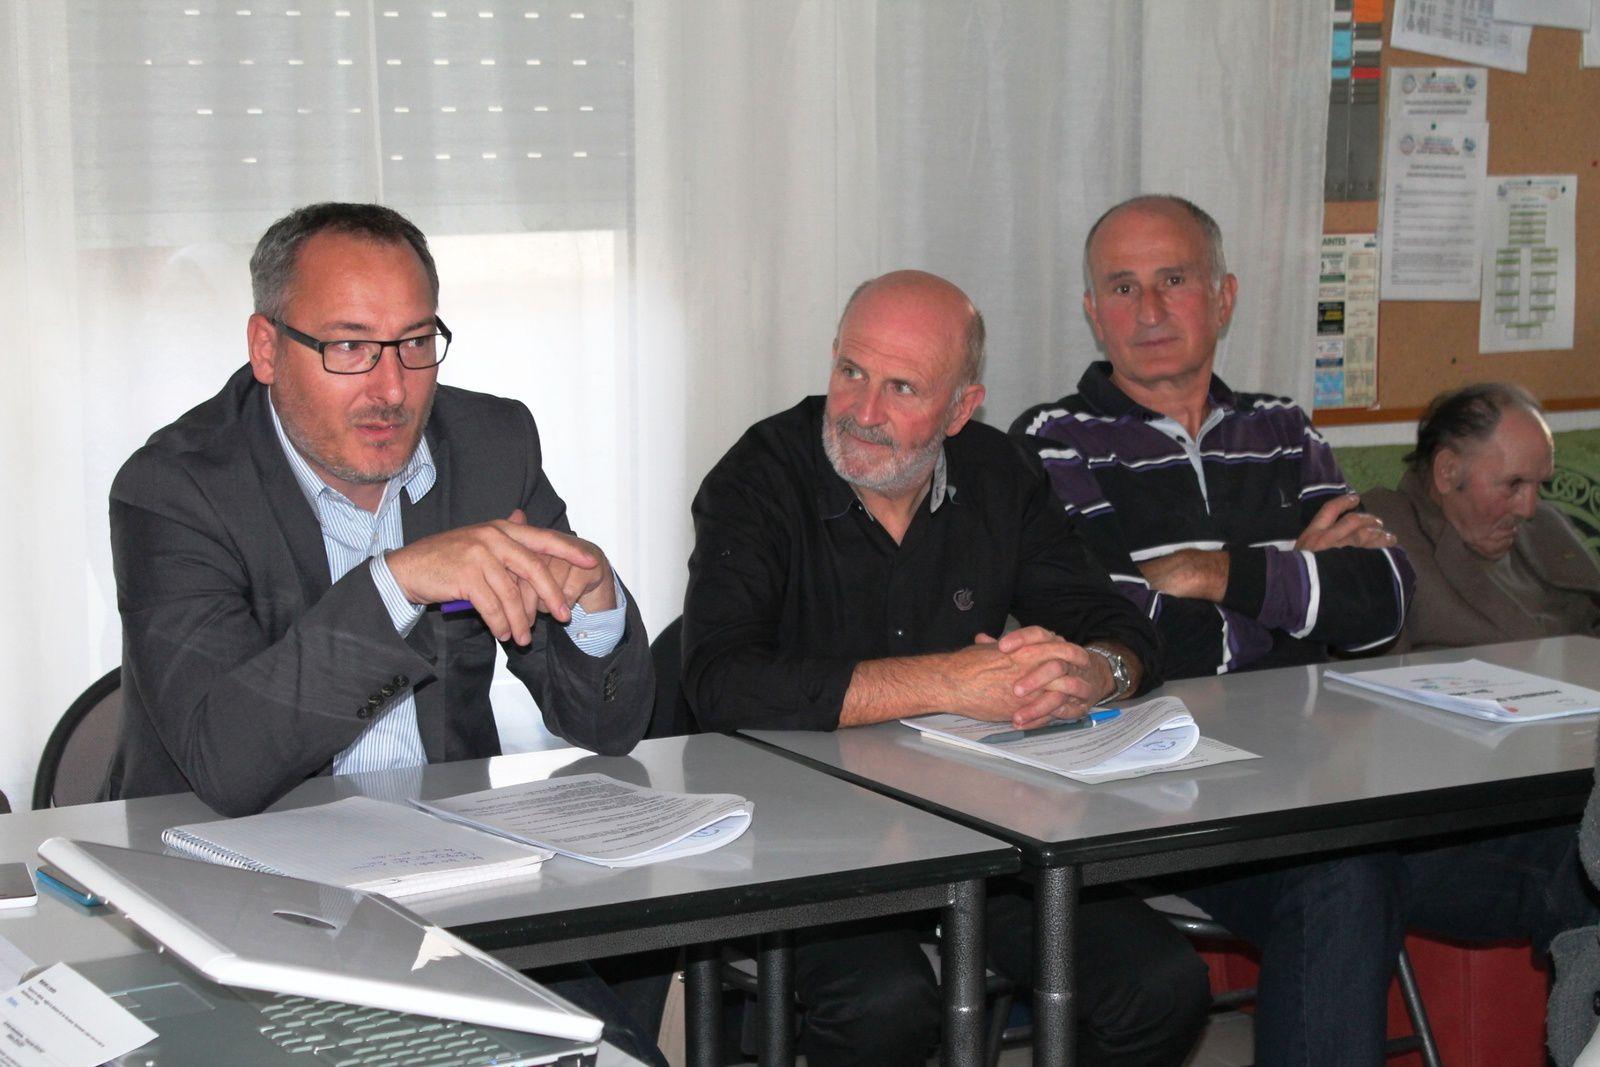 M. DRAPRON, Maire Adjoint (Sports) de la Ville de Saintes, M. LEMOINE, Président du CBD 17, M. PUBERT, Président Mutuelle Entrain